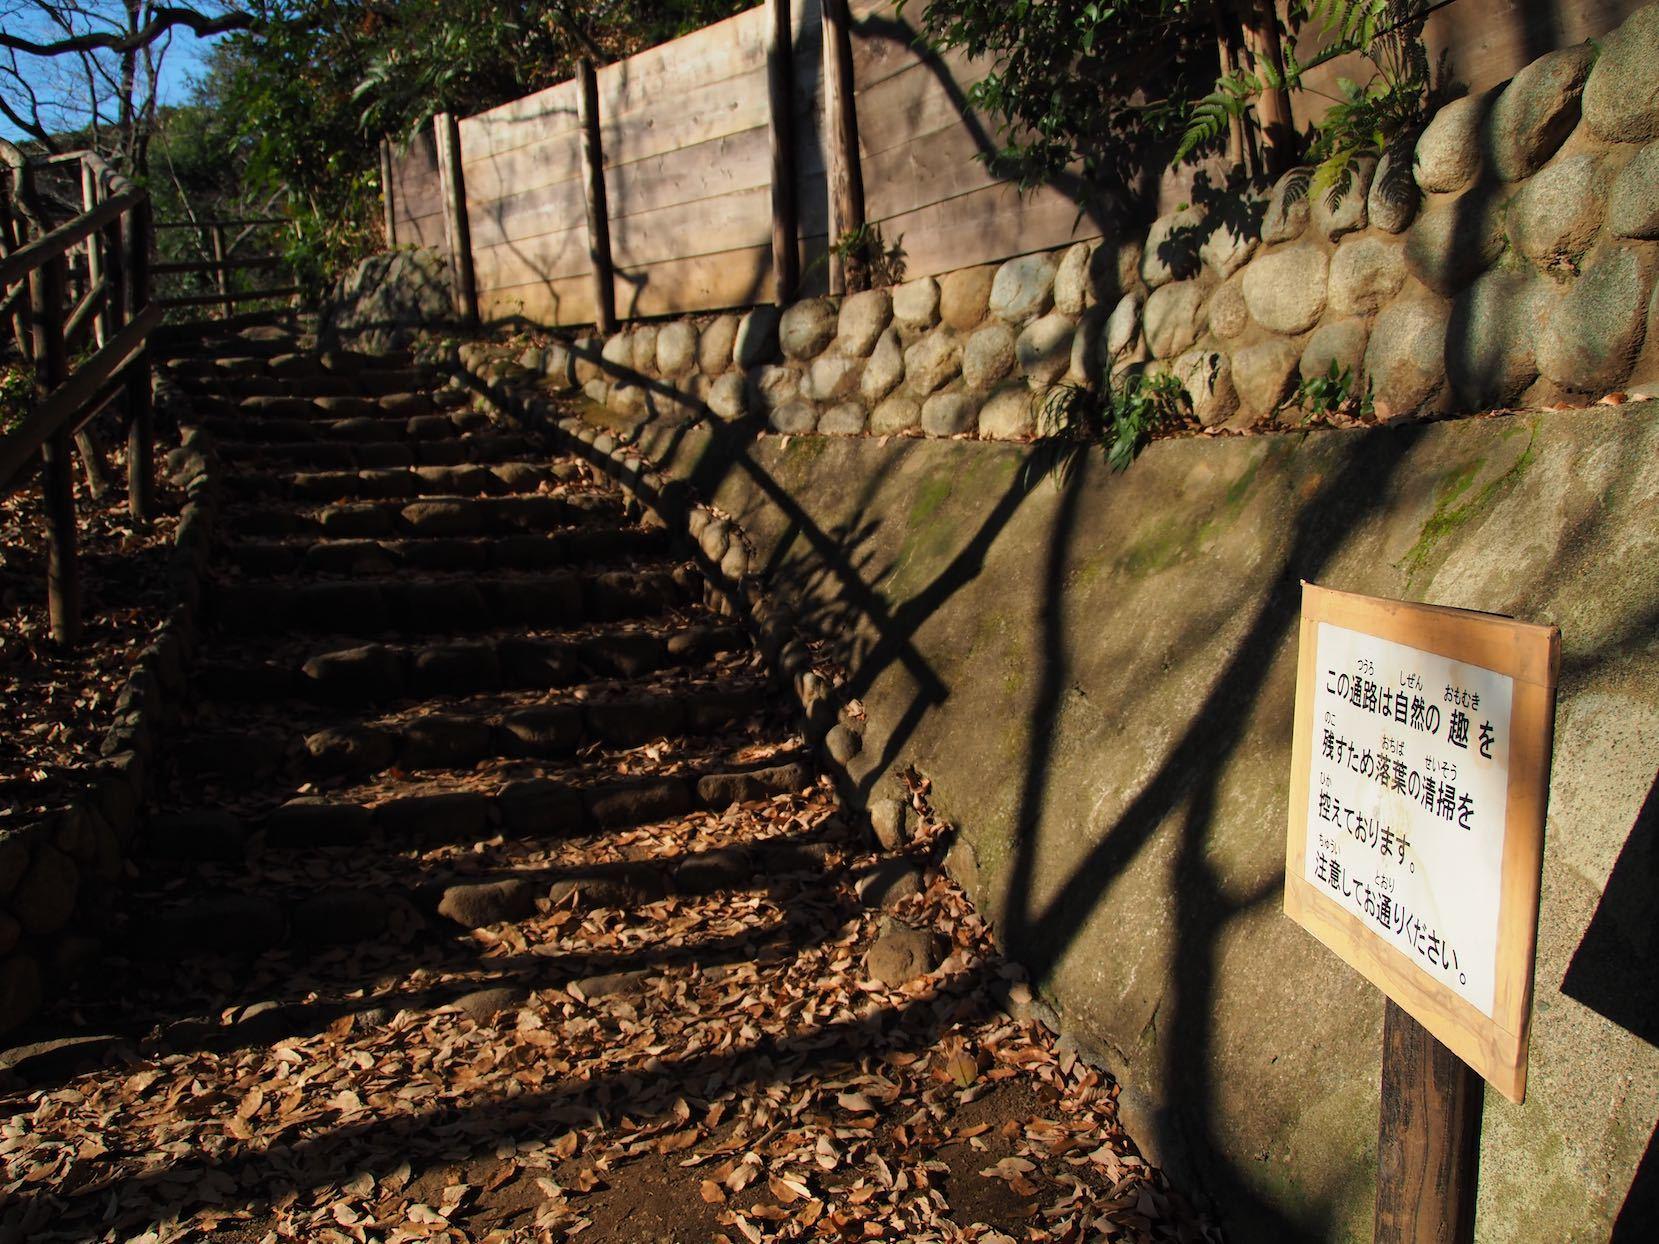 東急多摩川駅周辺2_b0360240_21121565.jpg